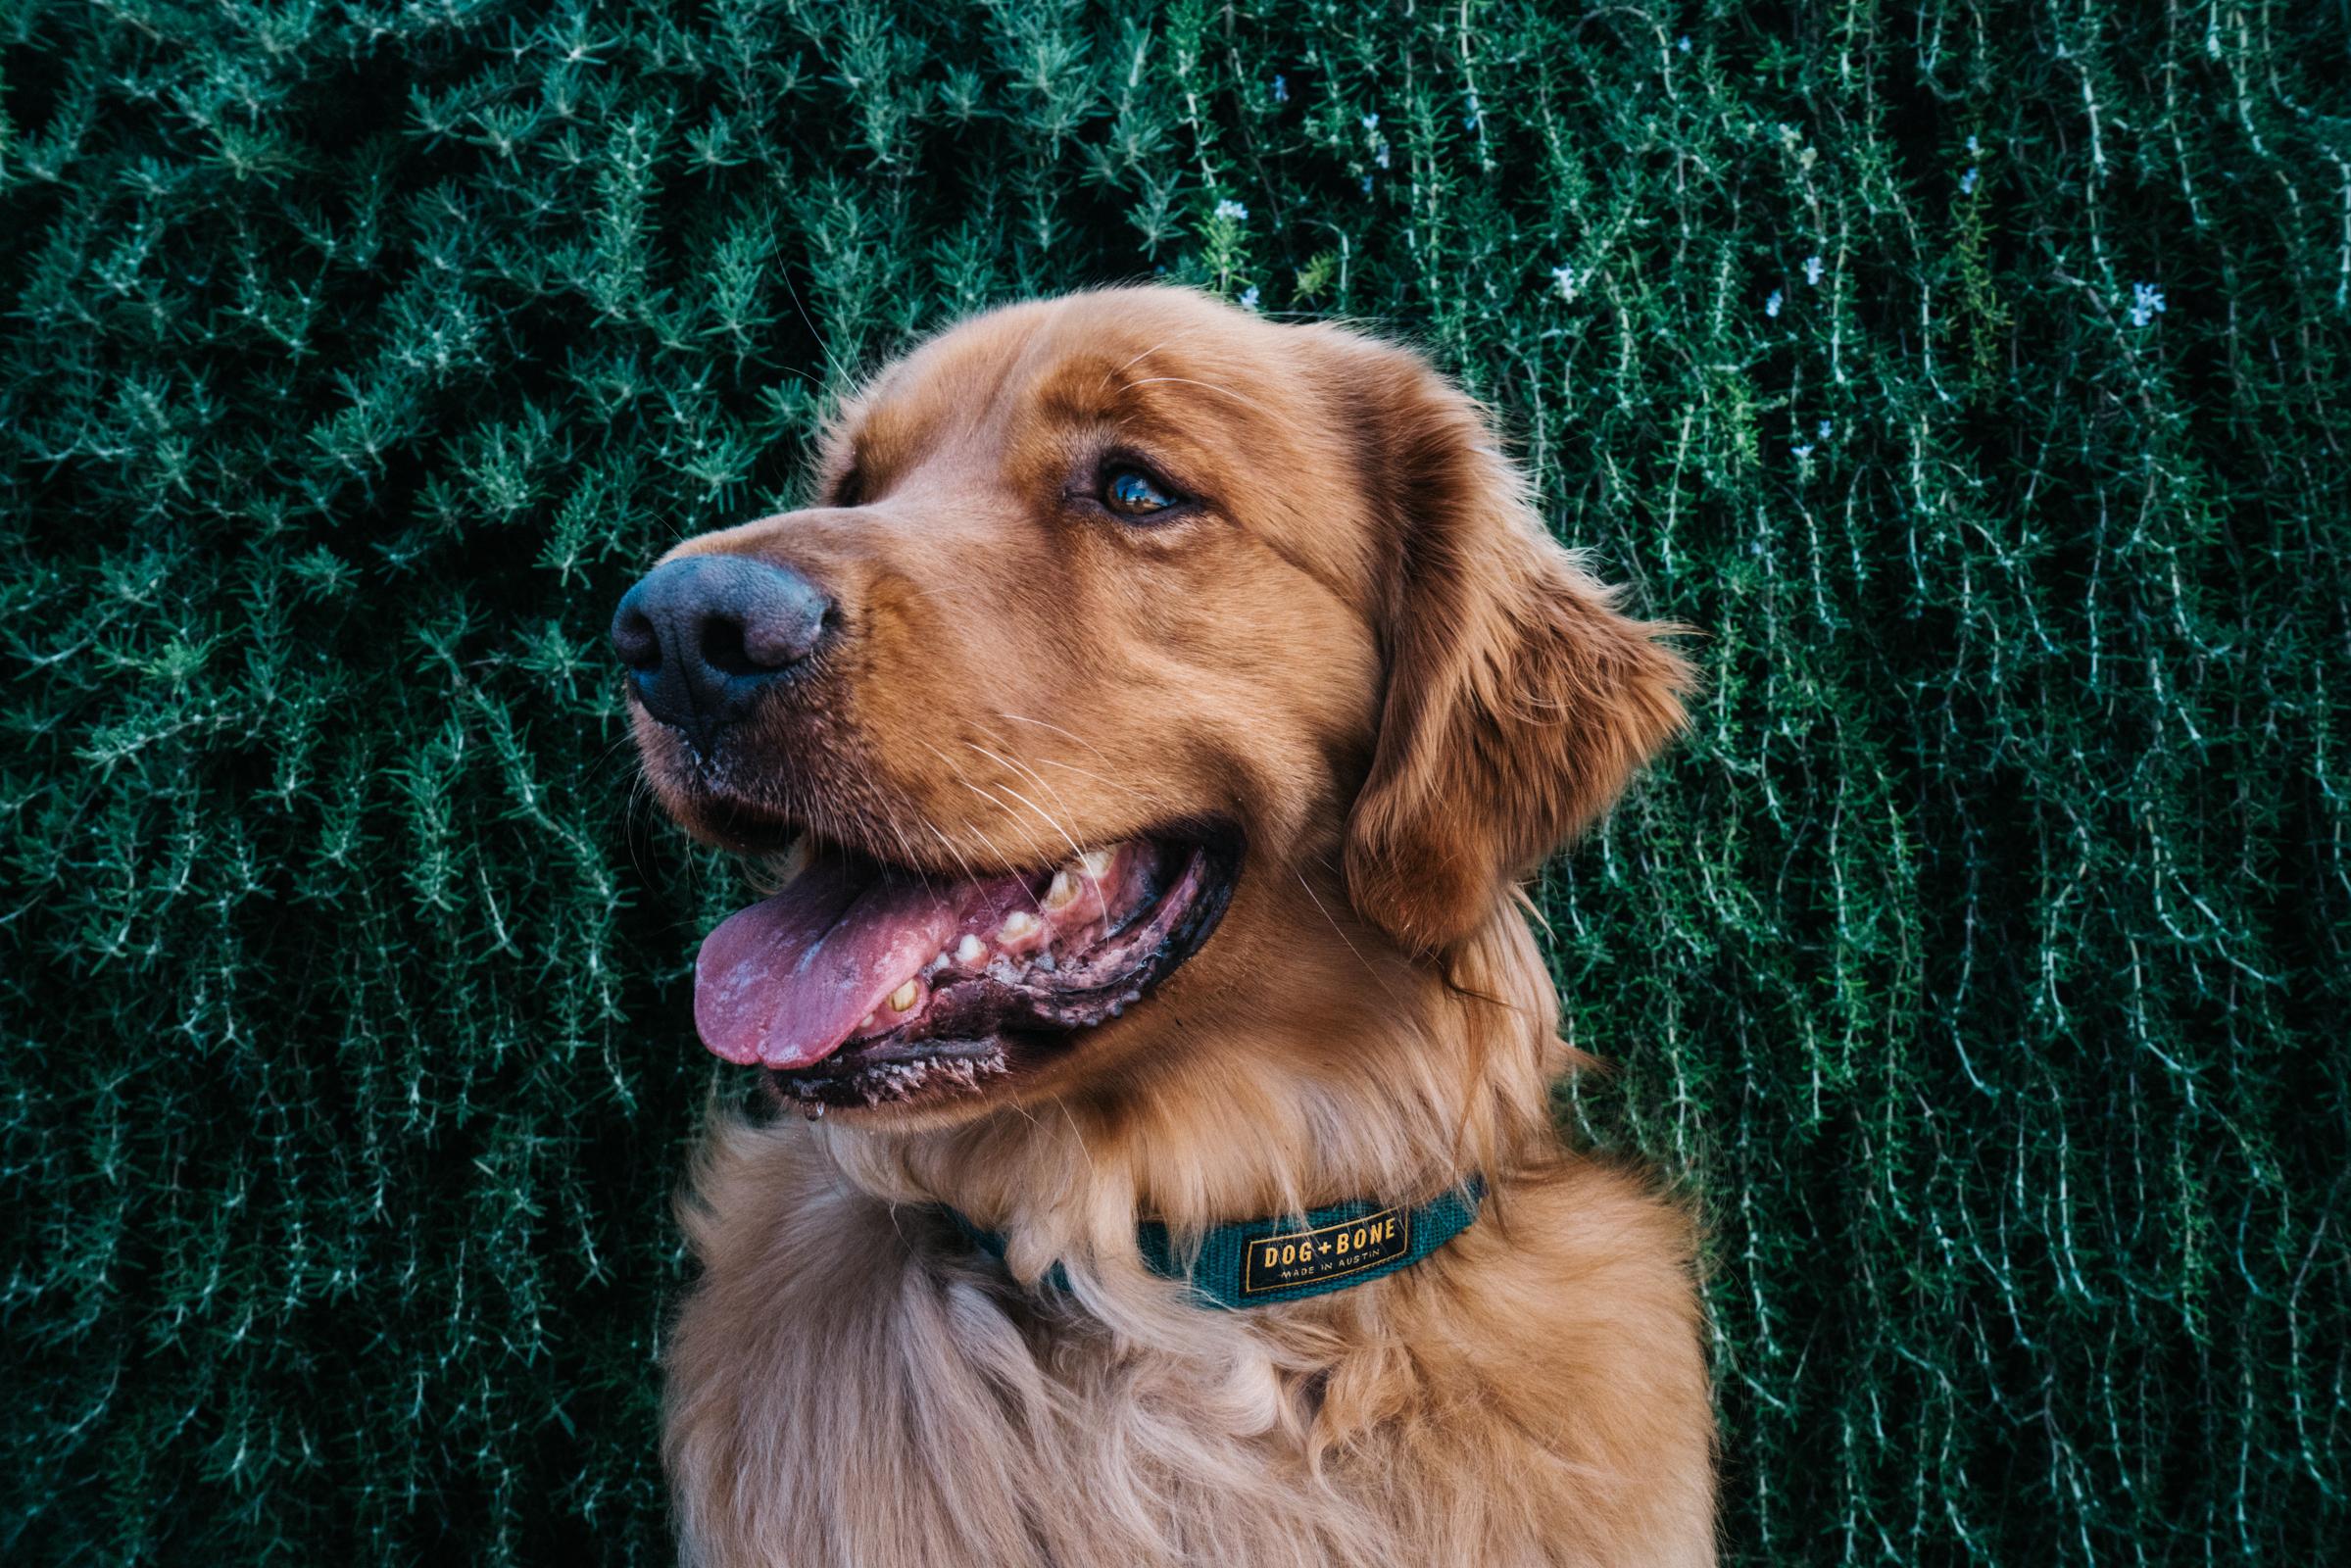 dogplusbone-3.jpg